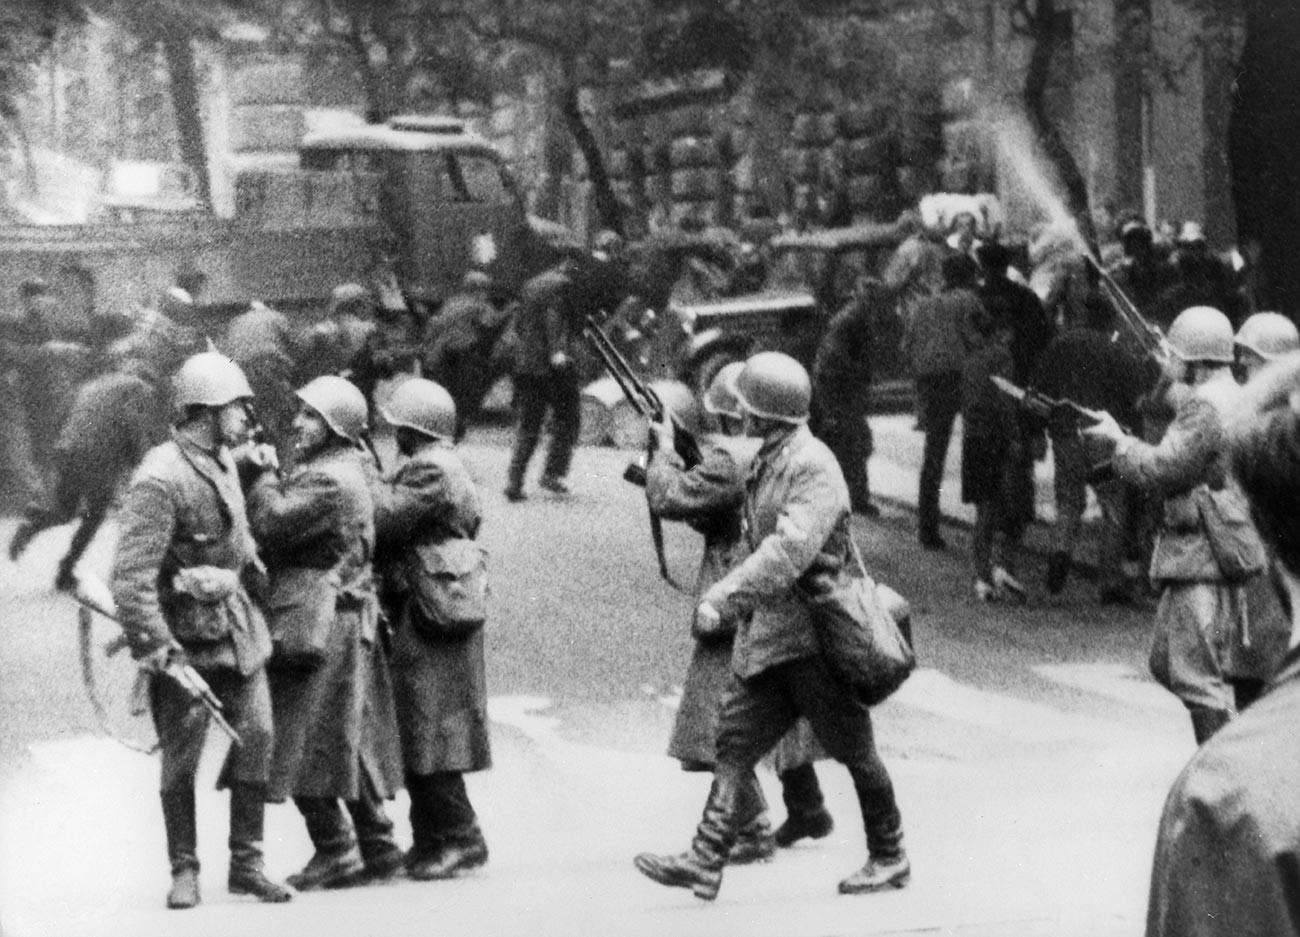 Tropas do Tratado de Varsóvia em Praga, 1968.